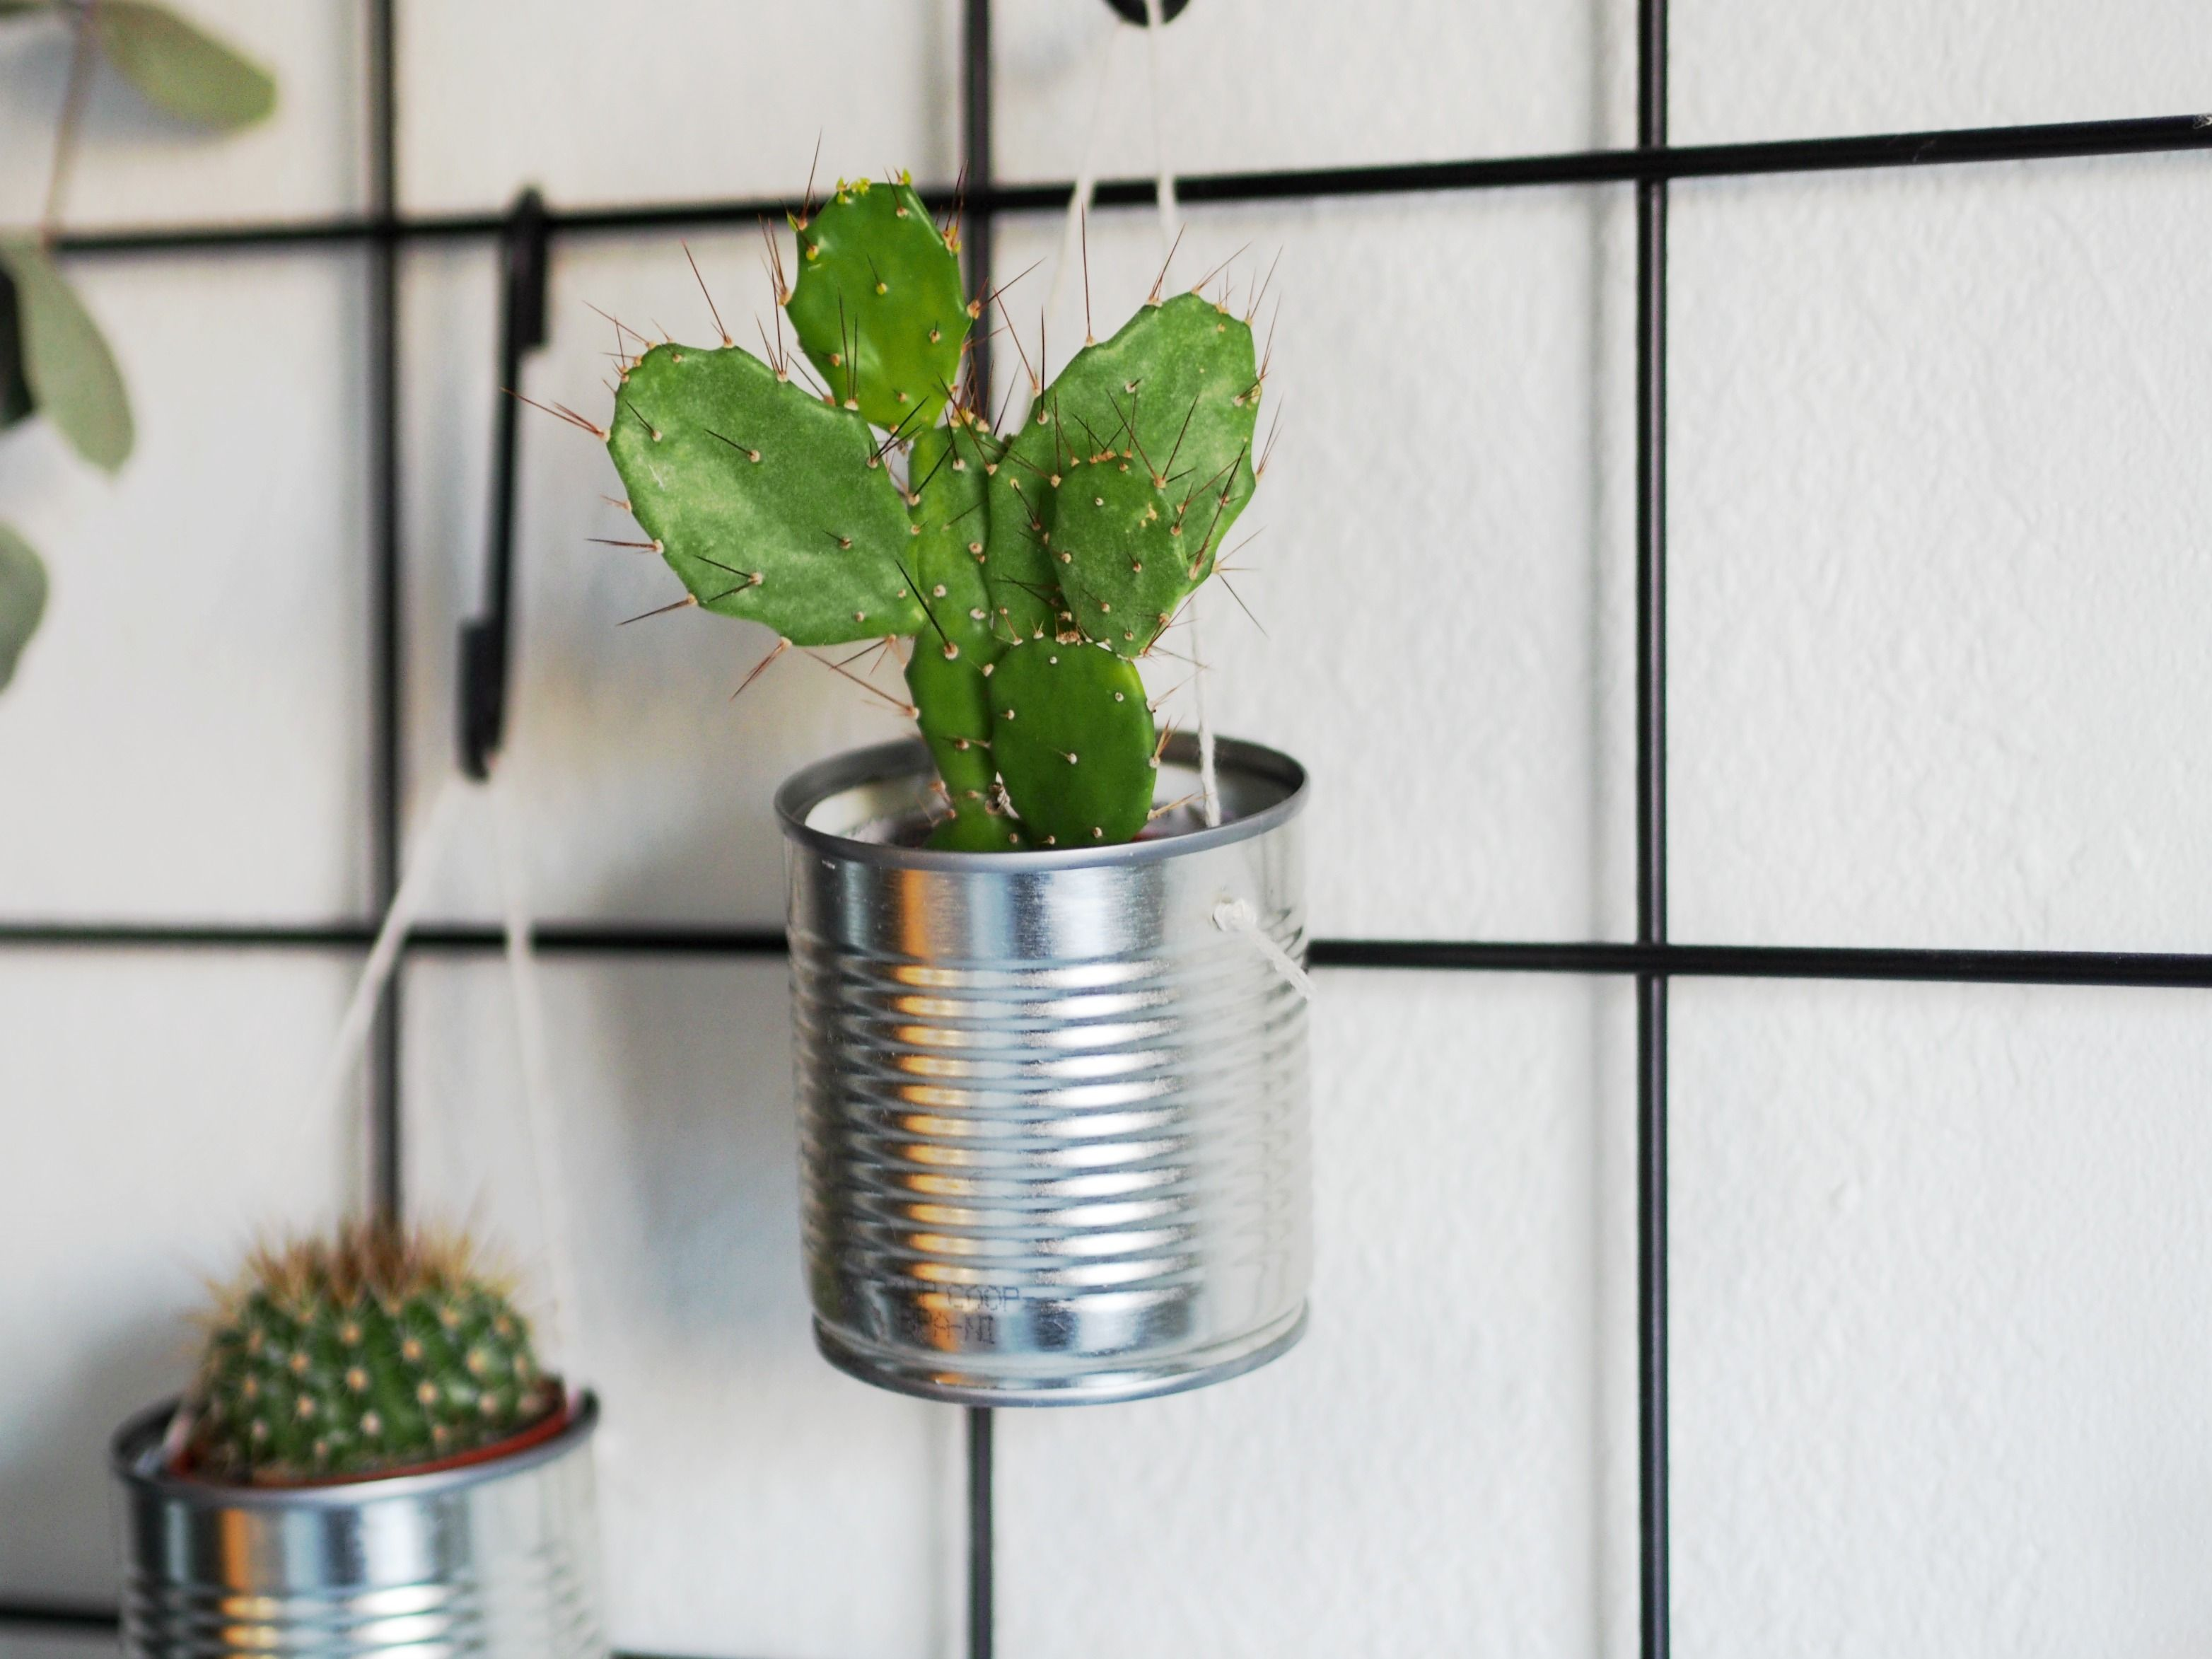 DIY hanging planter - Video tutorial: Lav dine egne DIY planteophng af  konservesdser